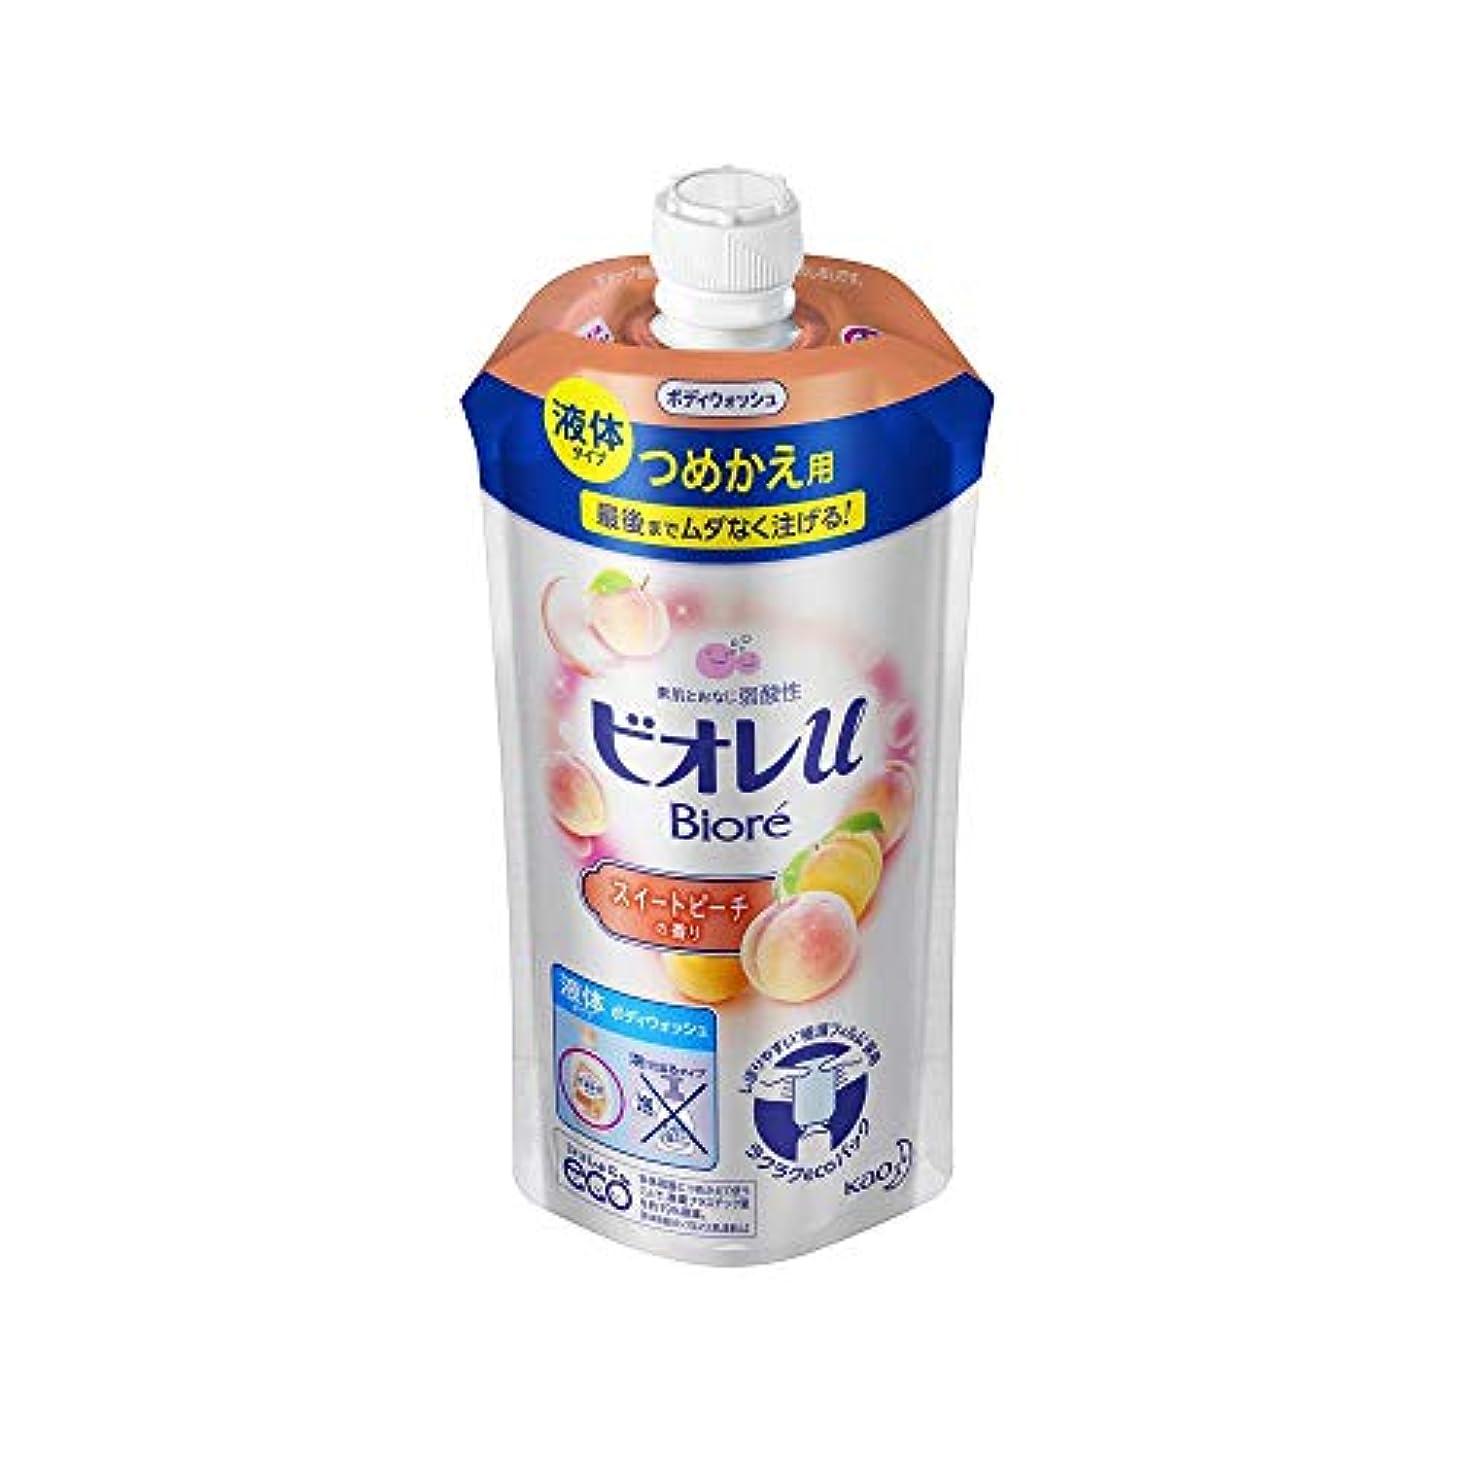 粗いスローガン活気づける花王 ビオレu スイートピーチの香りつめかえ用 340ML